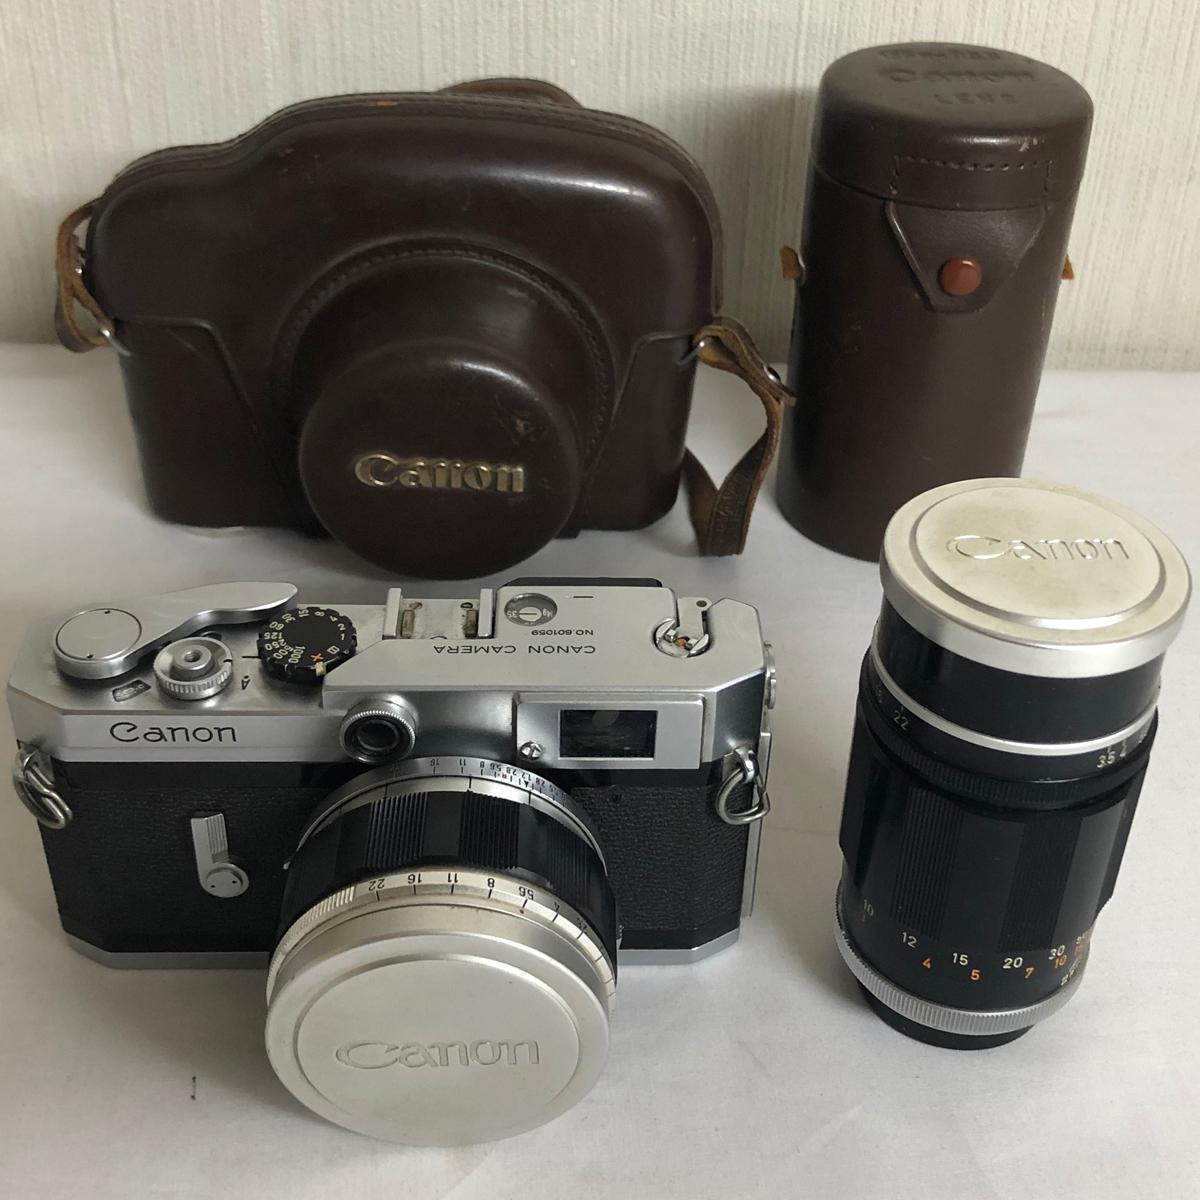 ●キャノンのヴィンテージ カメラ 取替レンズ、革ケース付き●CANON CAMERA No.601059●CANON LENS No.68955 135mm f:3.5●